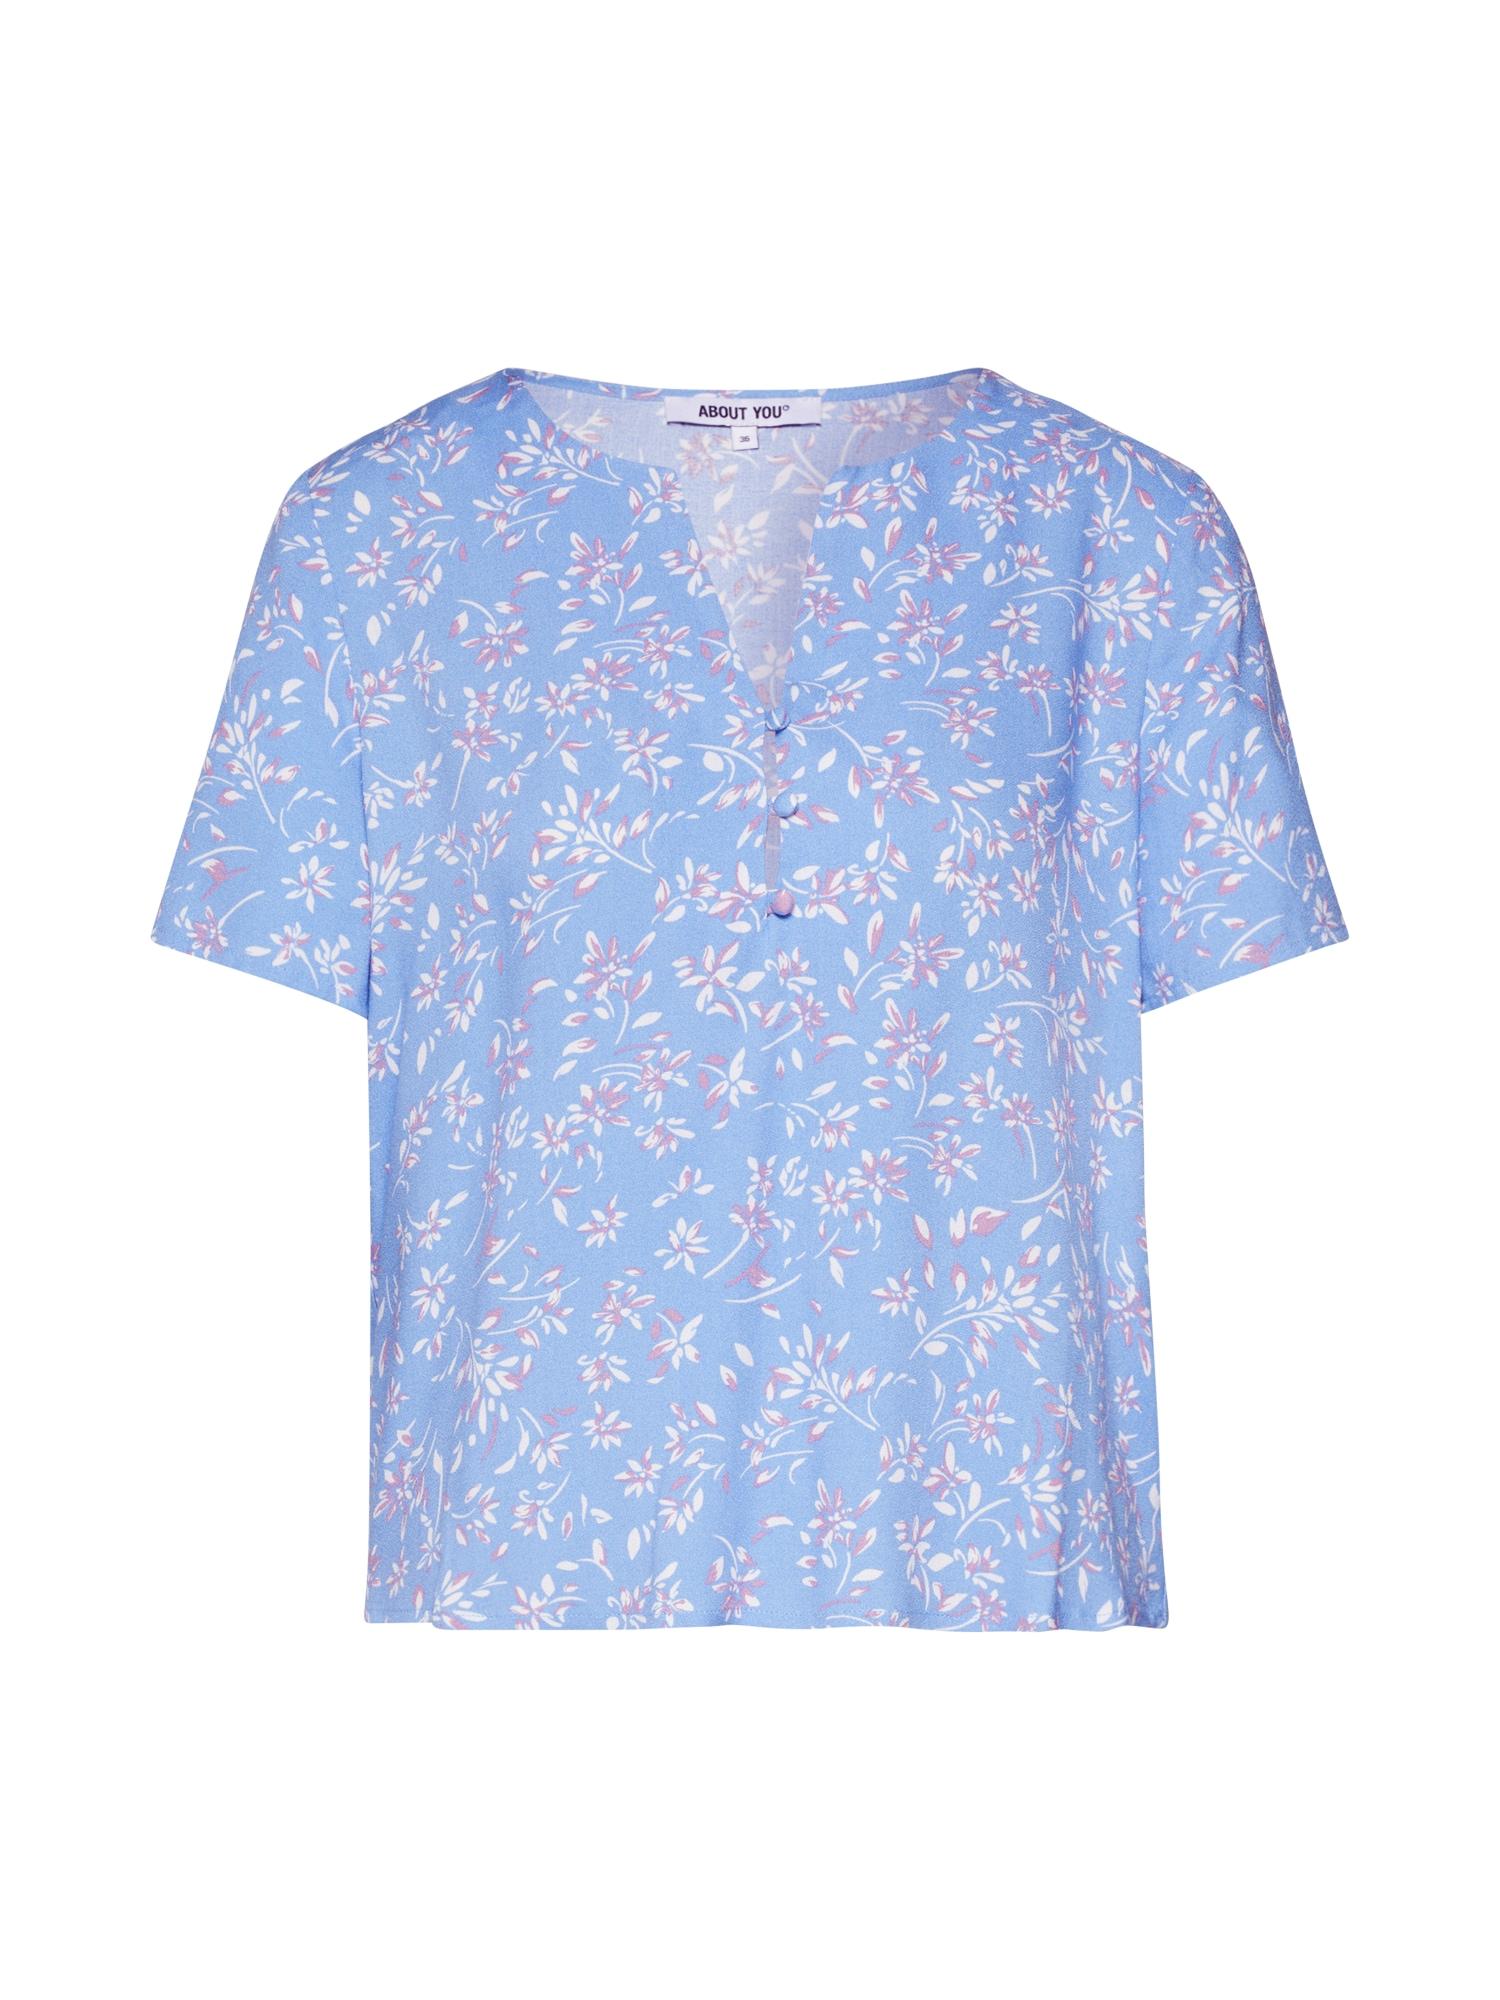 ABOUT YOU Marškinėliai 'Kiara' mišrios spalvos / mėlyna